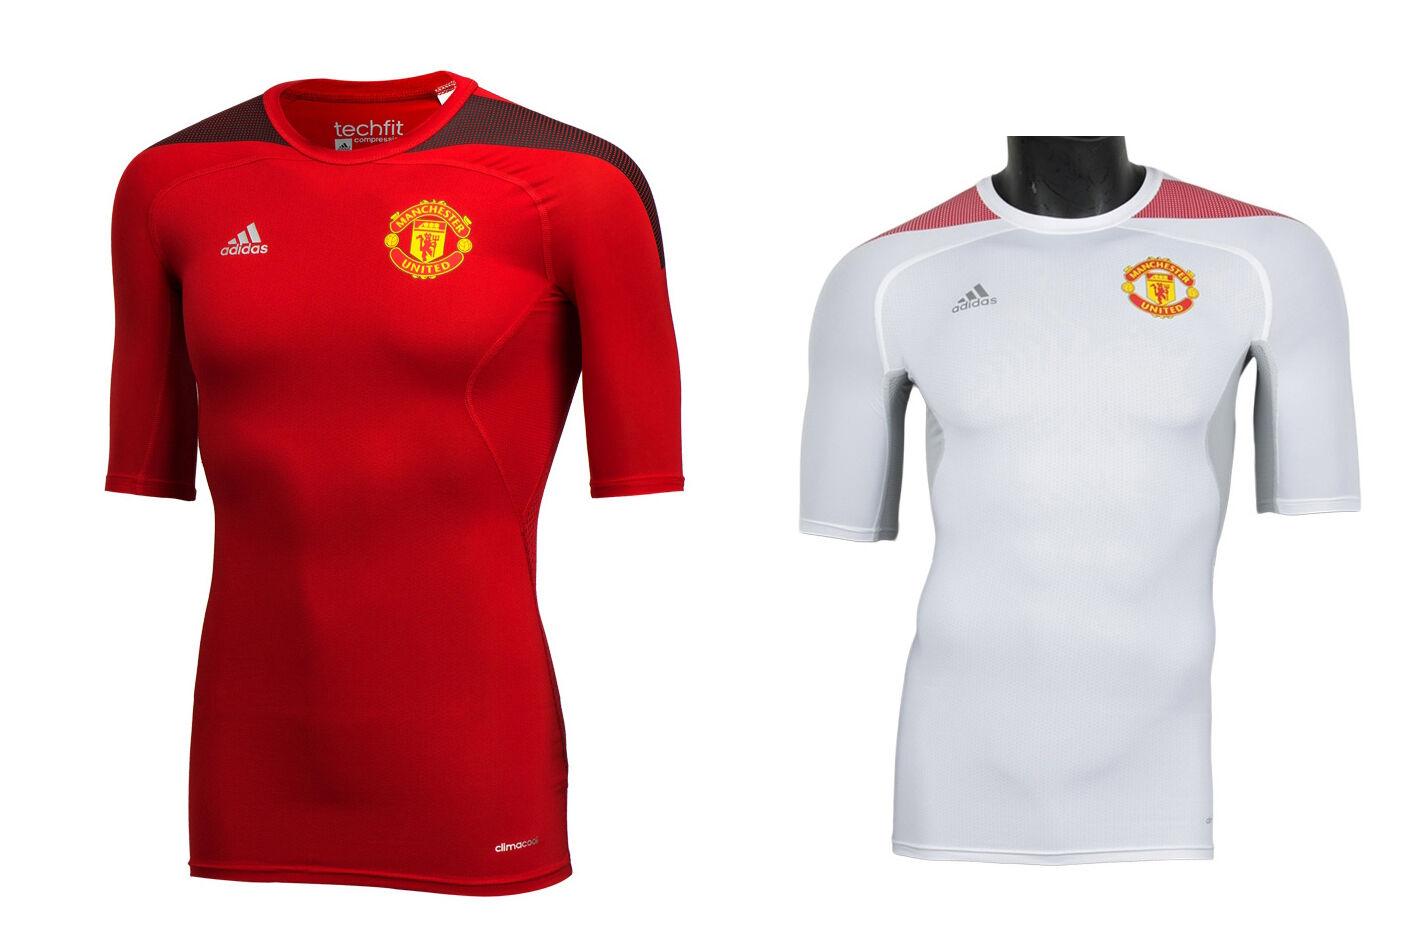 Adidas Manchester United Tech Fit Camisas de Compresión Fútbol Calzas molibdeno